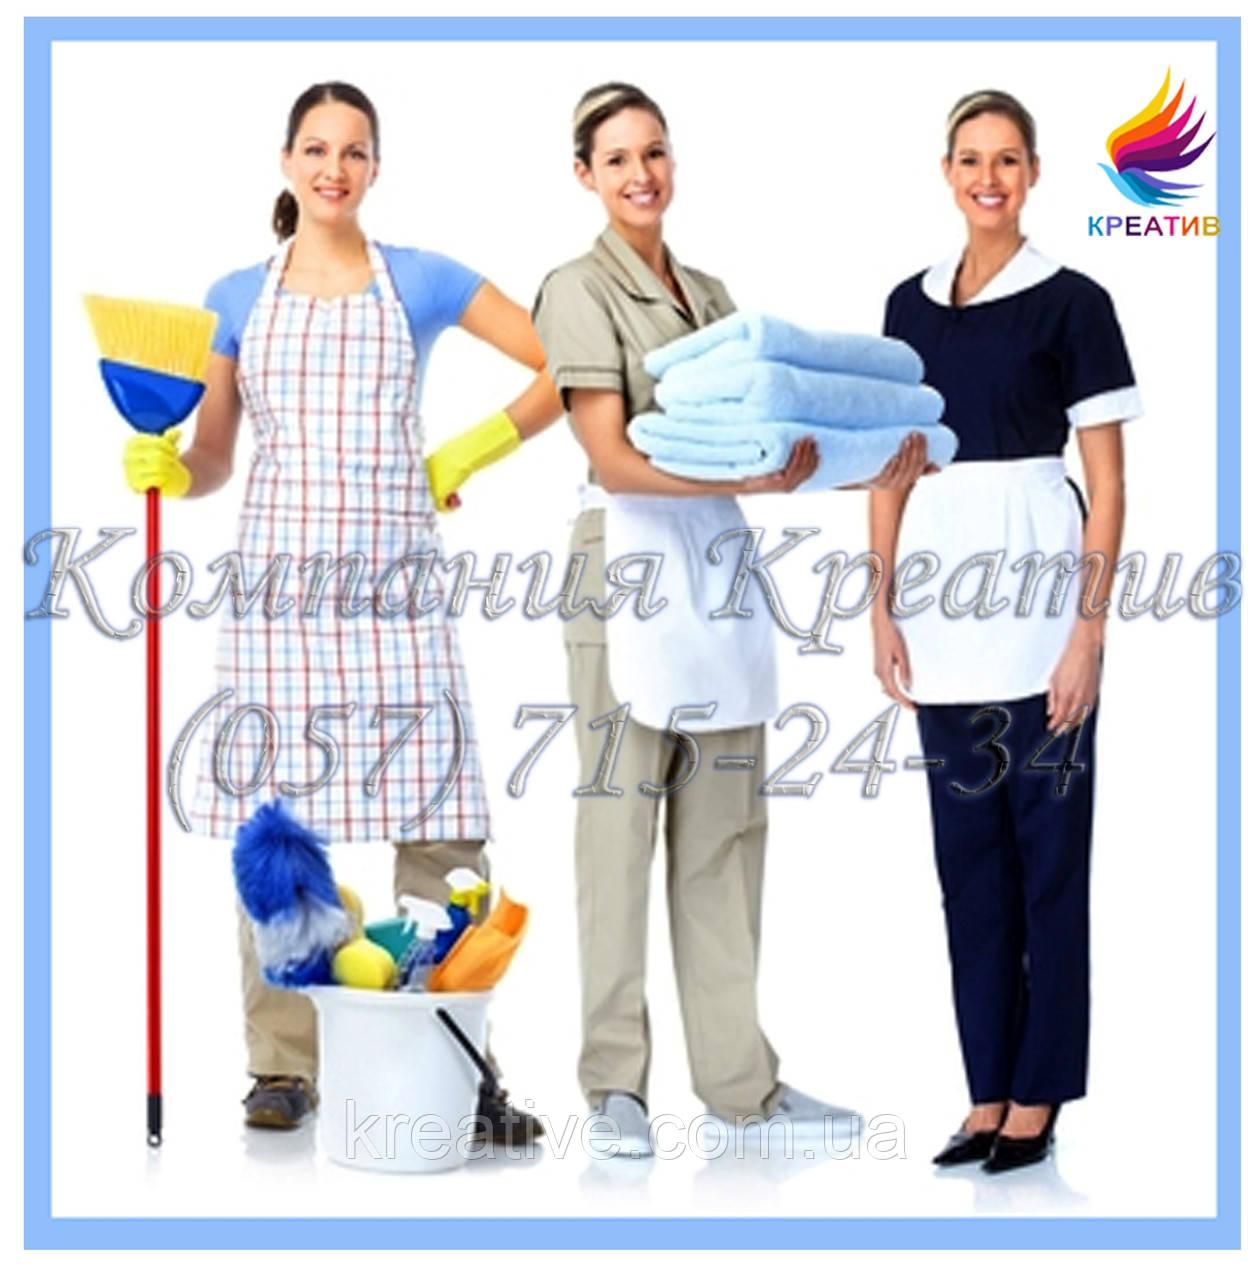 Пошив униформы для персонала  (от 50 шт)